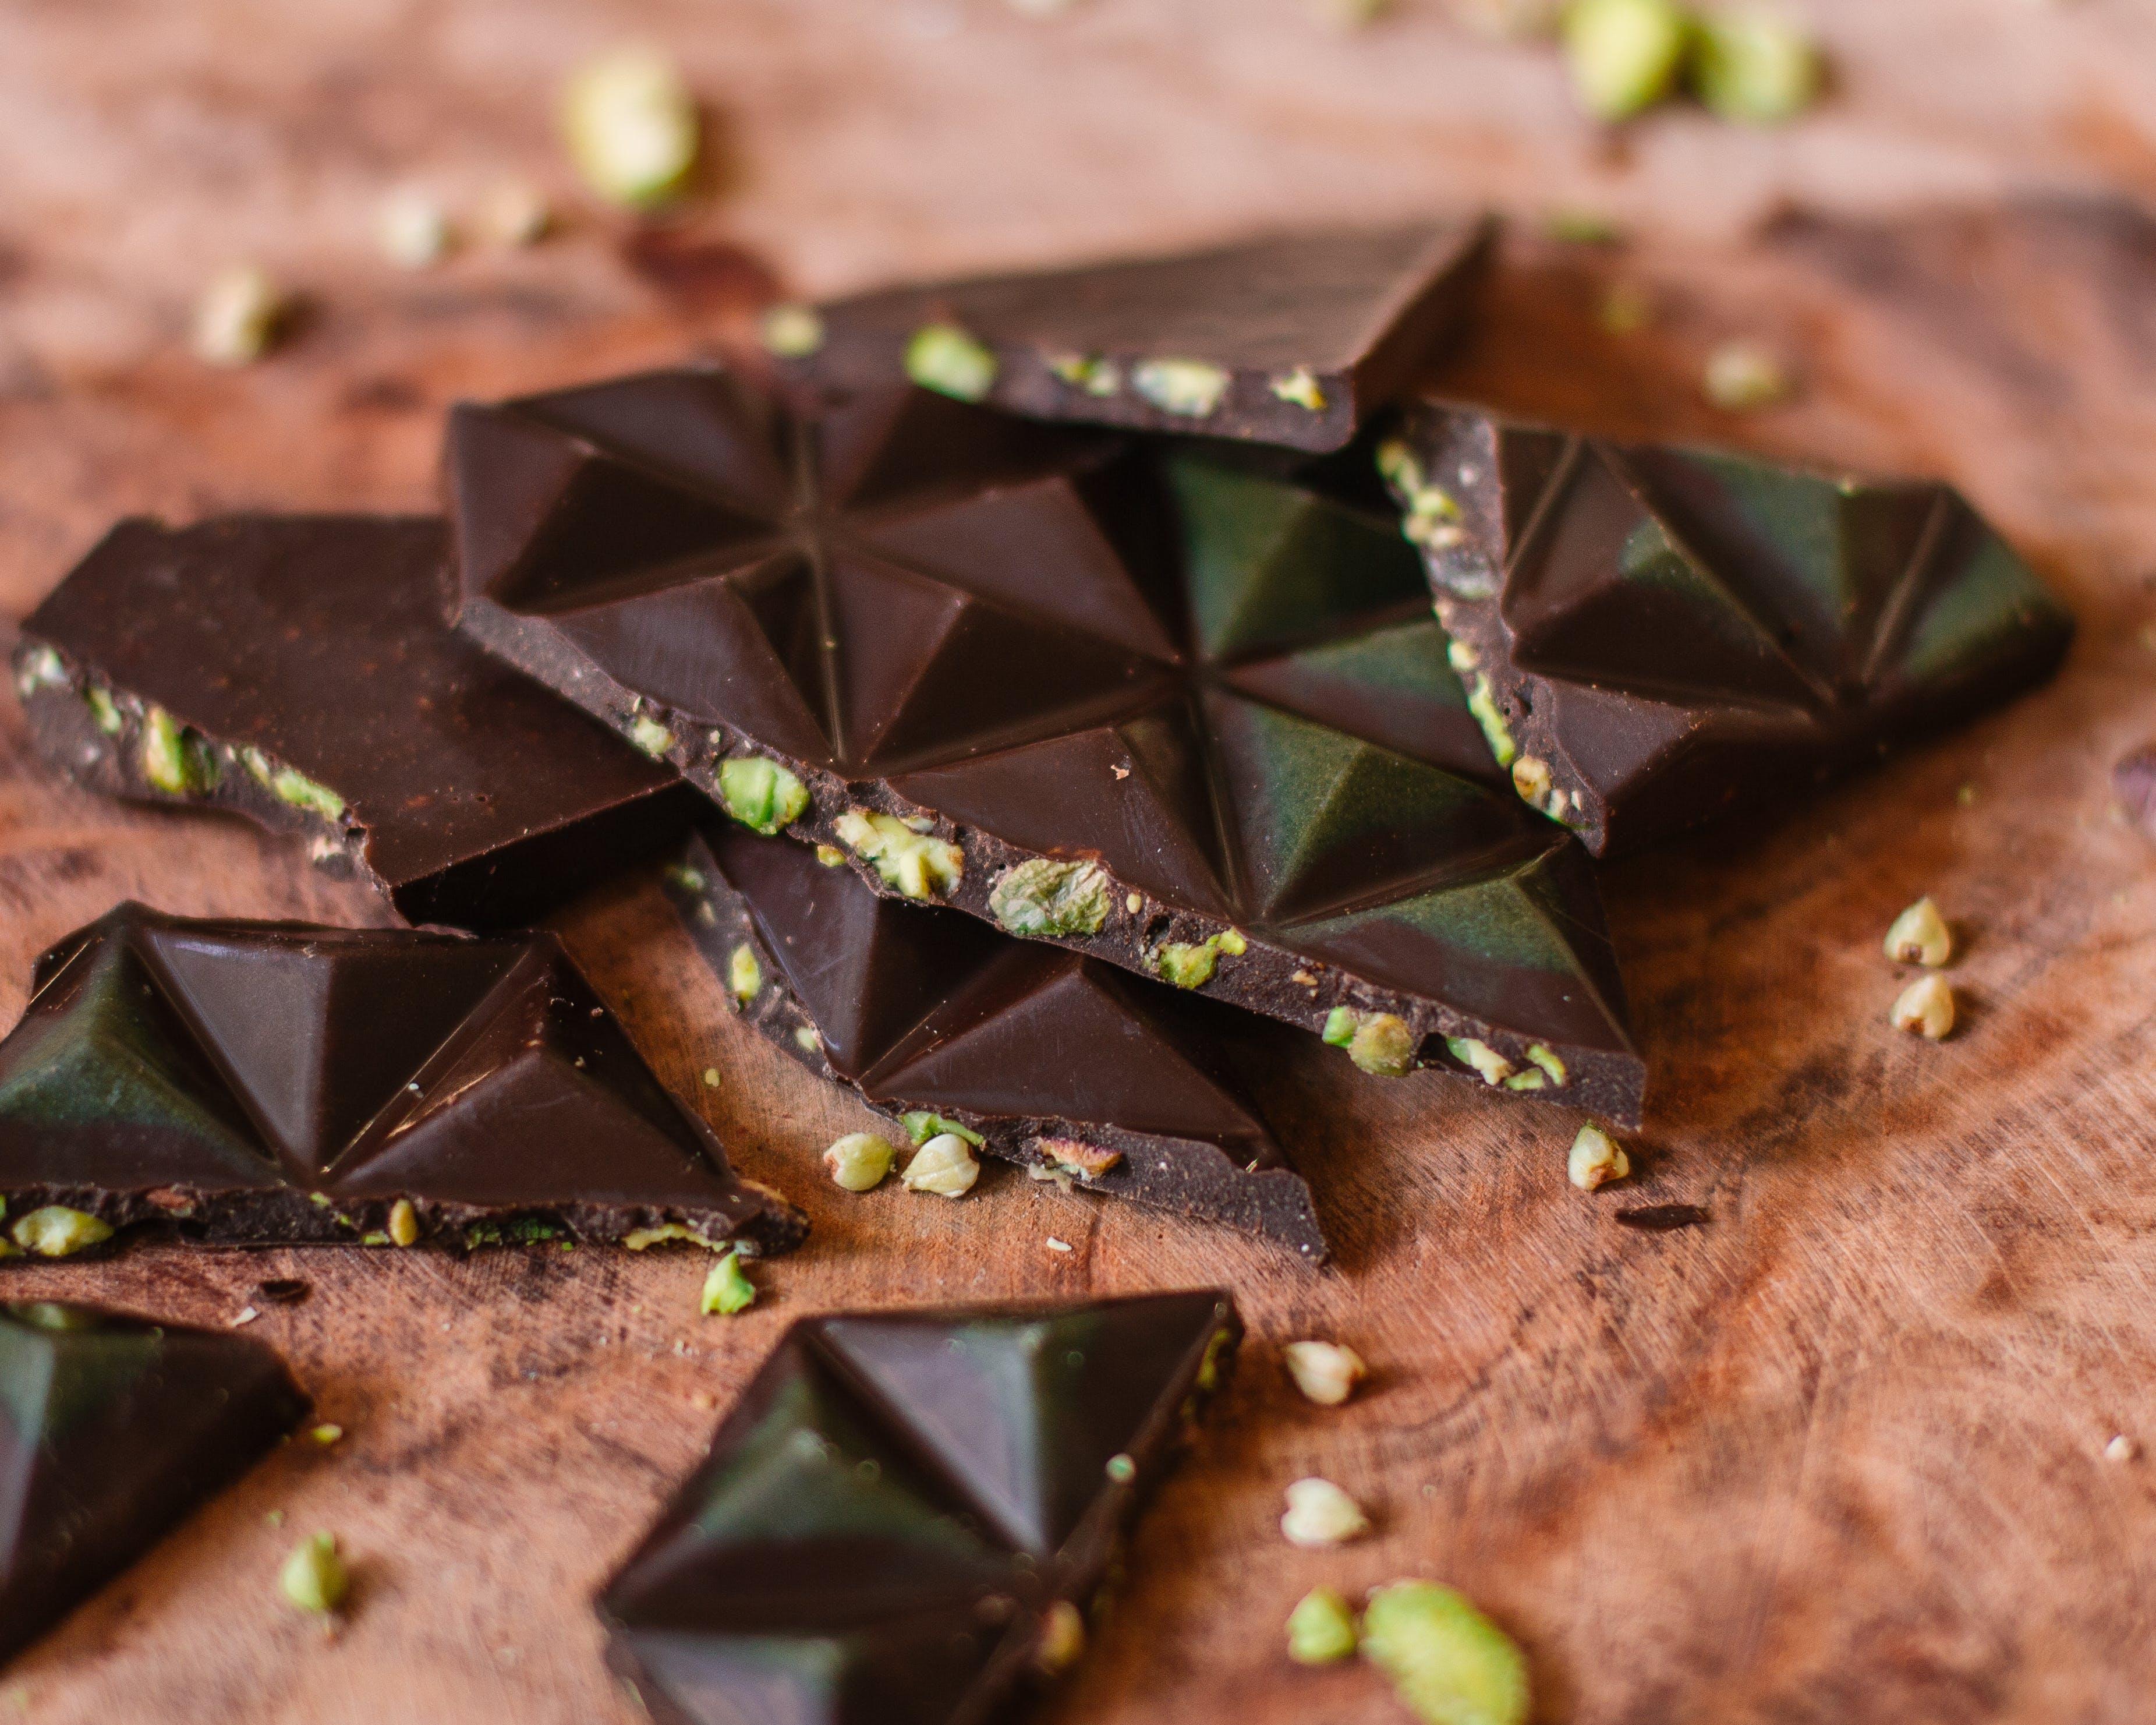 可口, 可口的, 堅果, 巧克力 的 免費圖庫相片